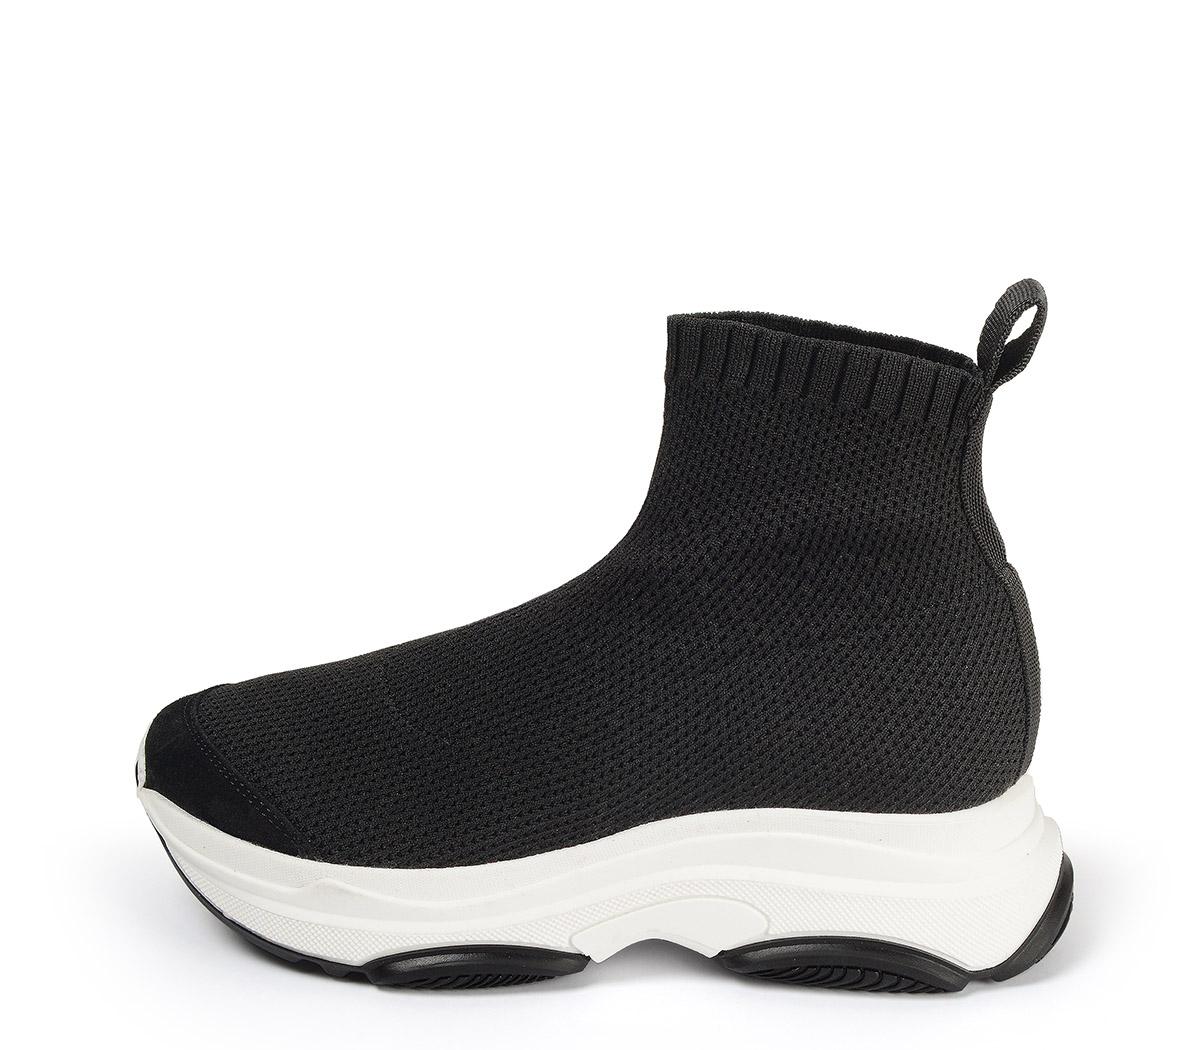 Ref.3918 Botín tela negra tipo calcetín con suela blanca. Altura plataforma trasera 5 cm y plataforma delantera 3 cm. Altura de caña 10.5 cm.